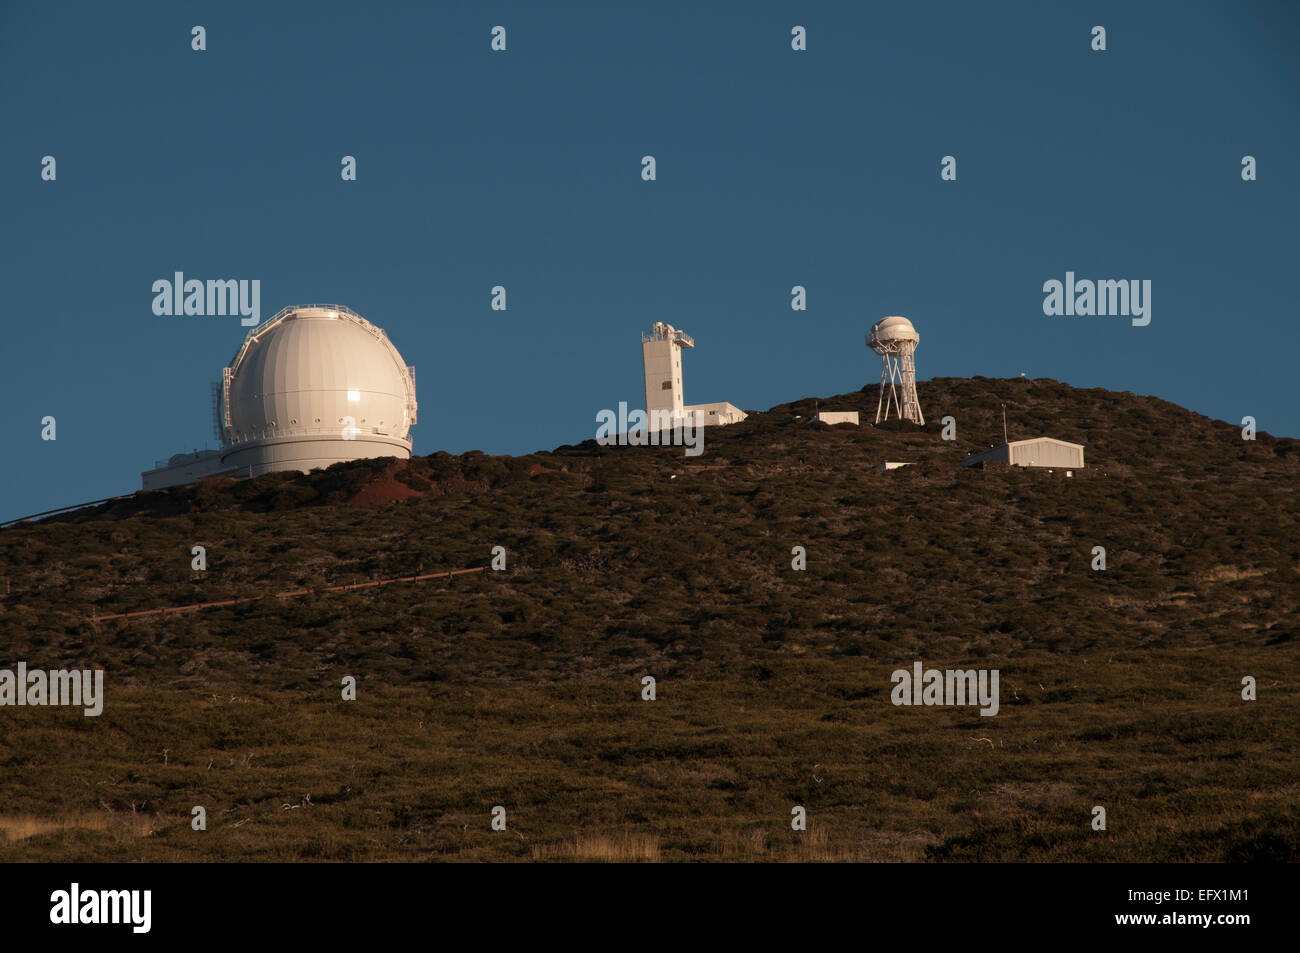 Yansıtmalı teleskop newton yansıtmalı teleskop newton isaac